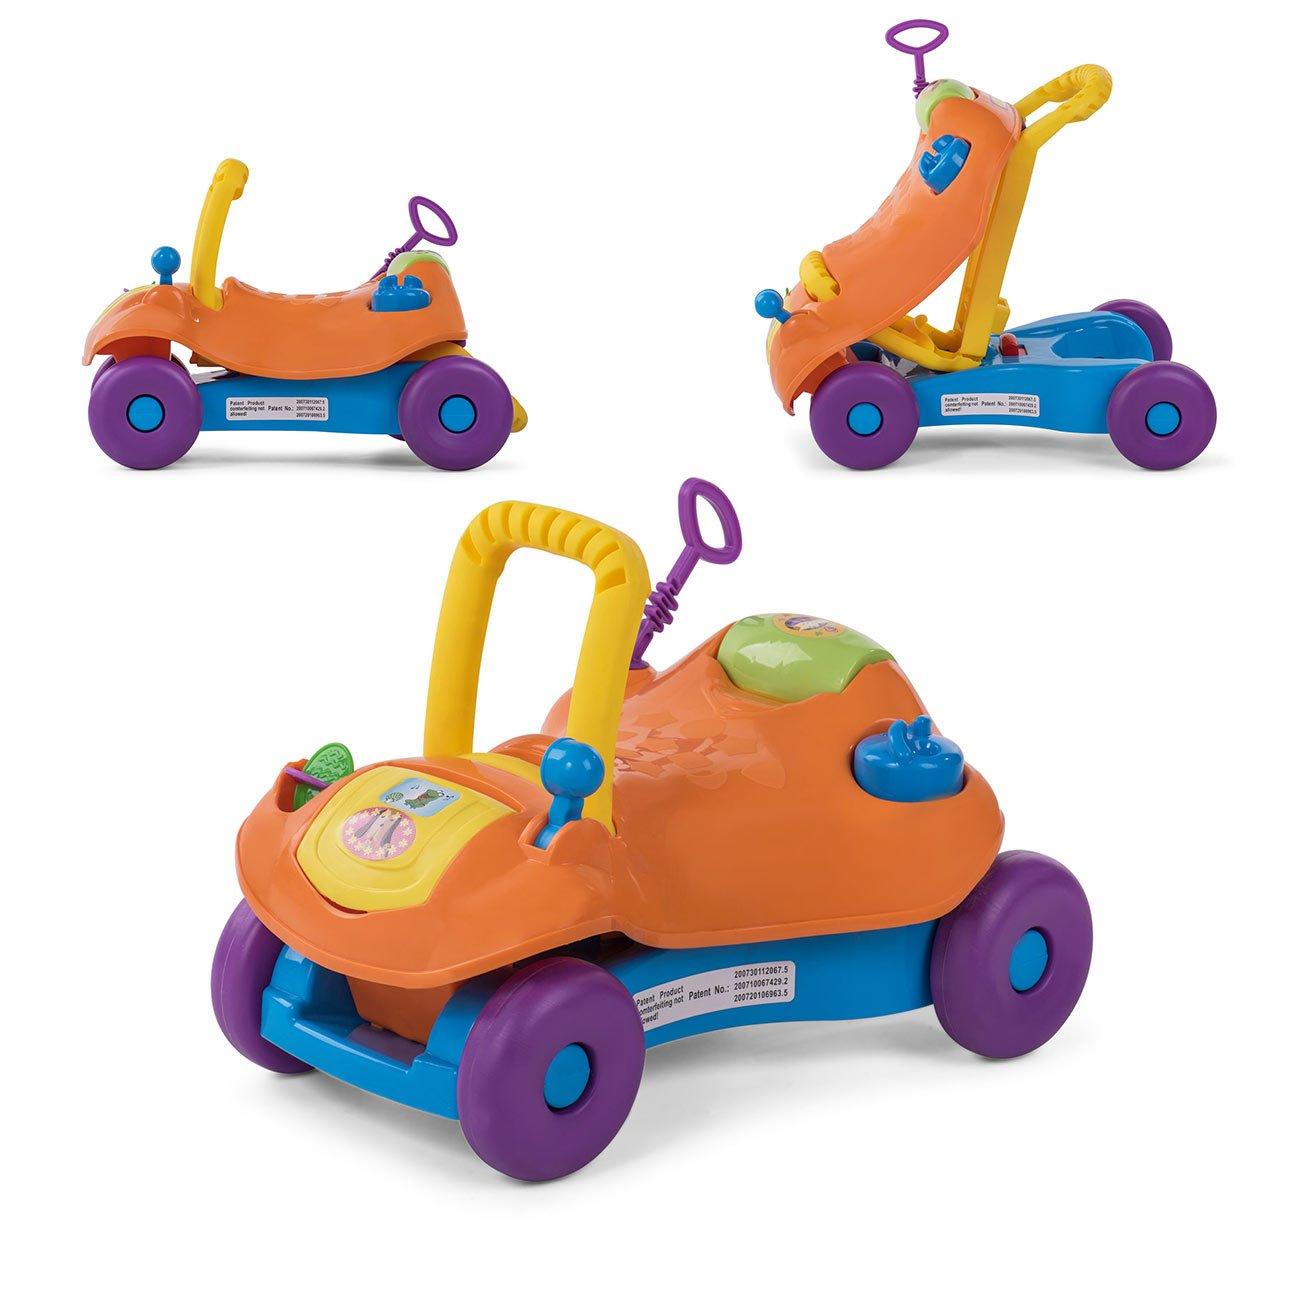 Baby Vivo Bobby Car Correpasillos Coche Andador Para Bebés Niños 2en1 Infantil Juguete Niño Multifuncional - Azul